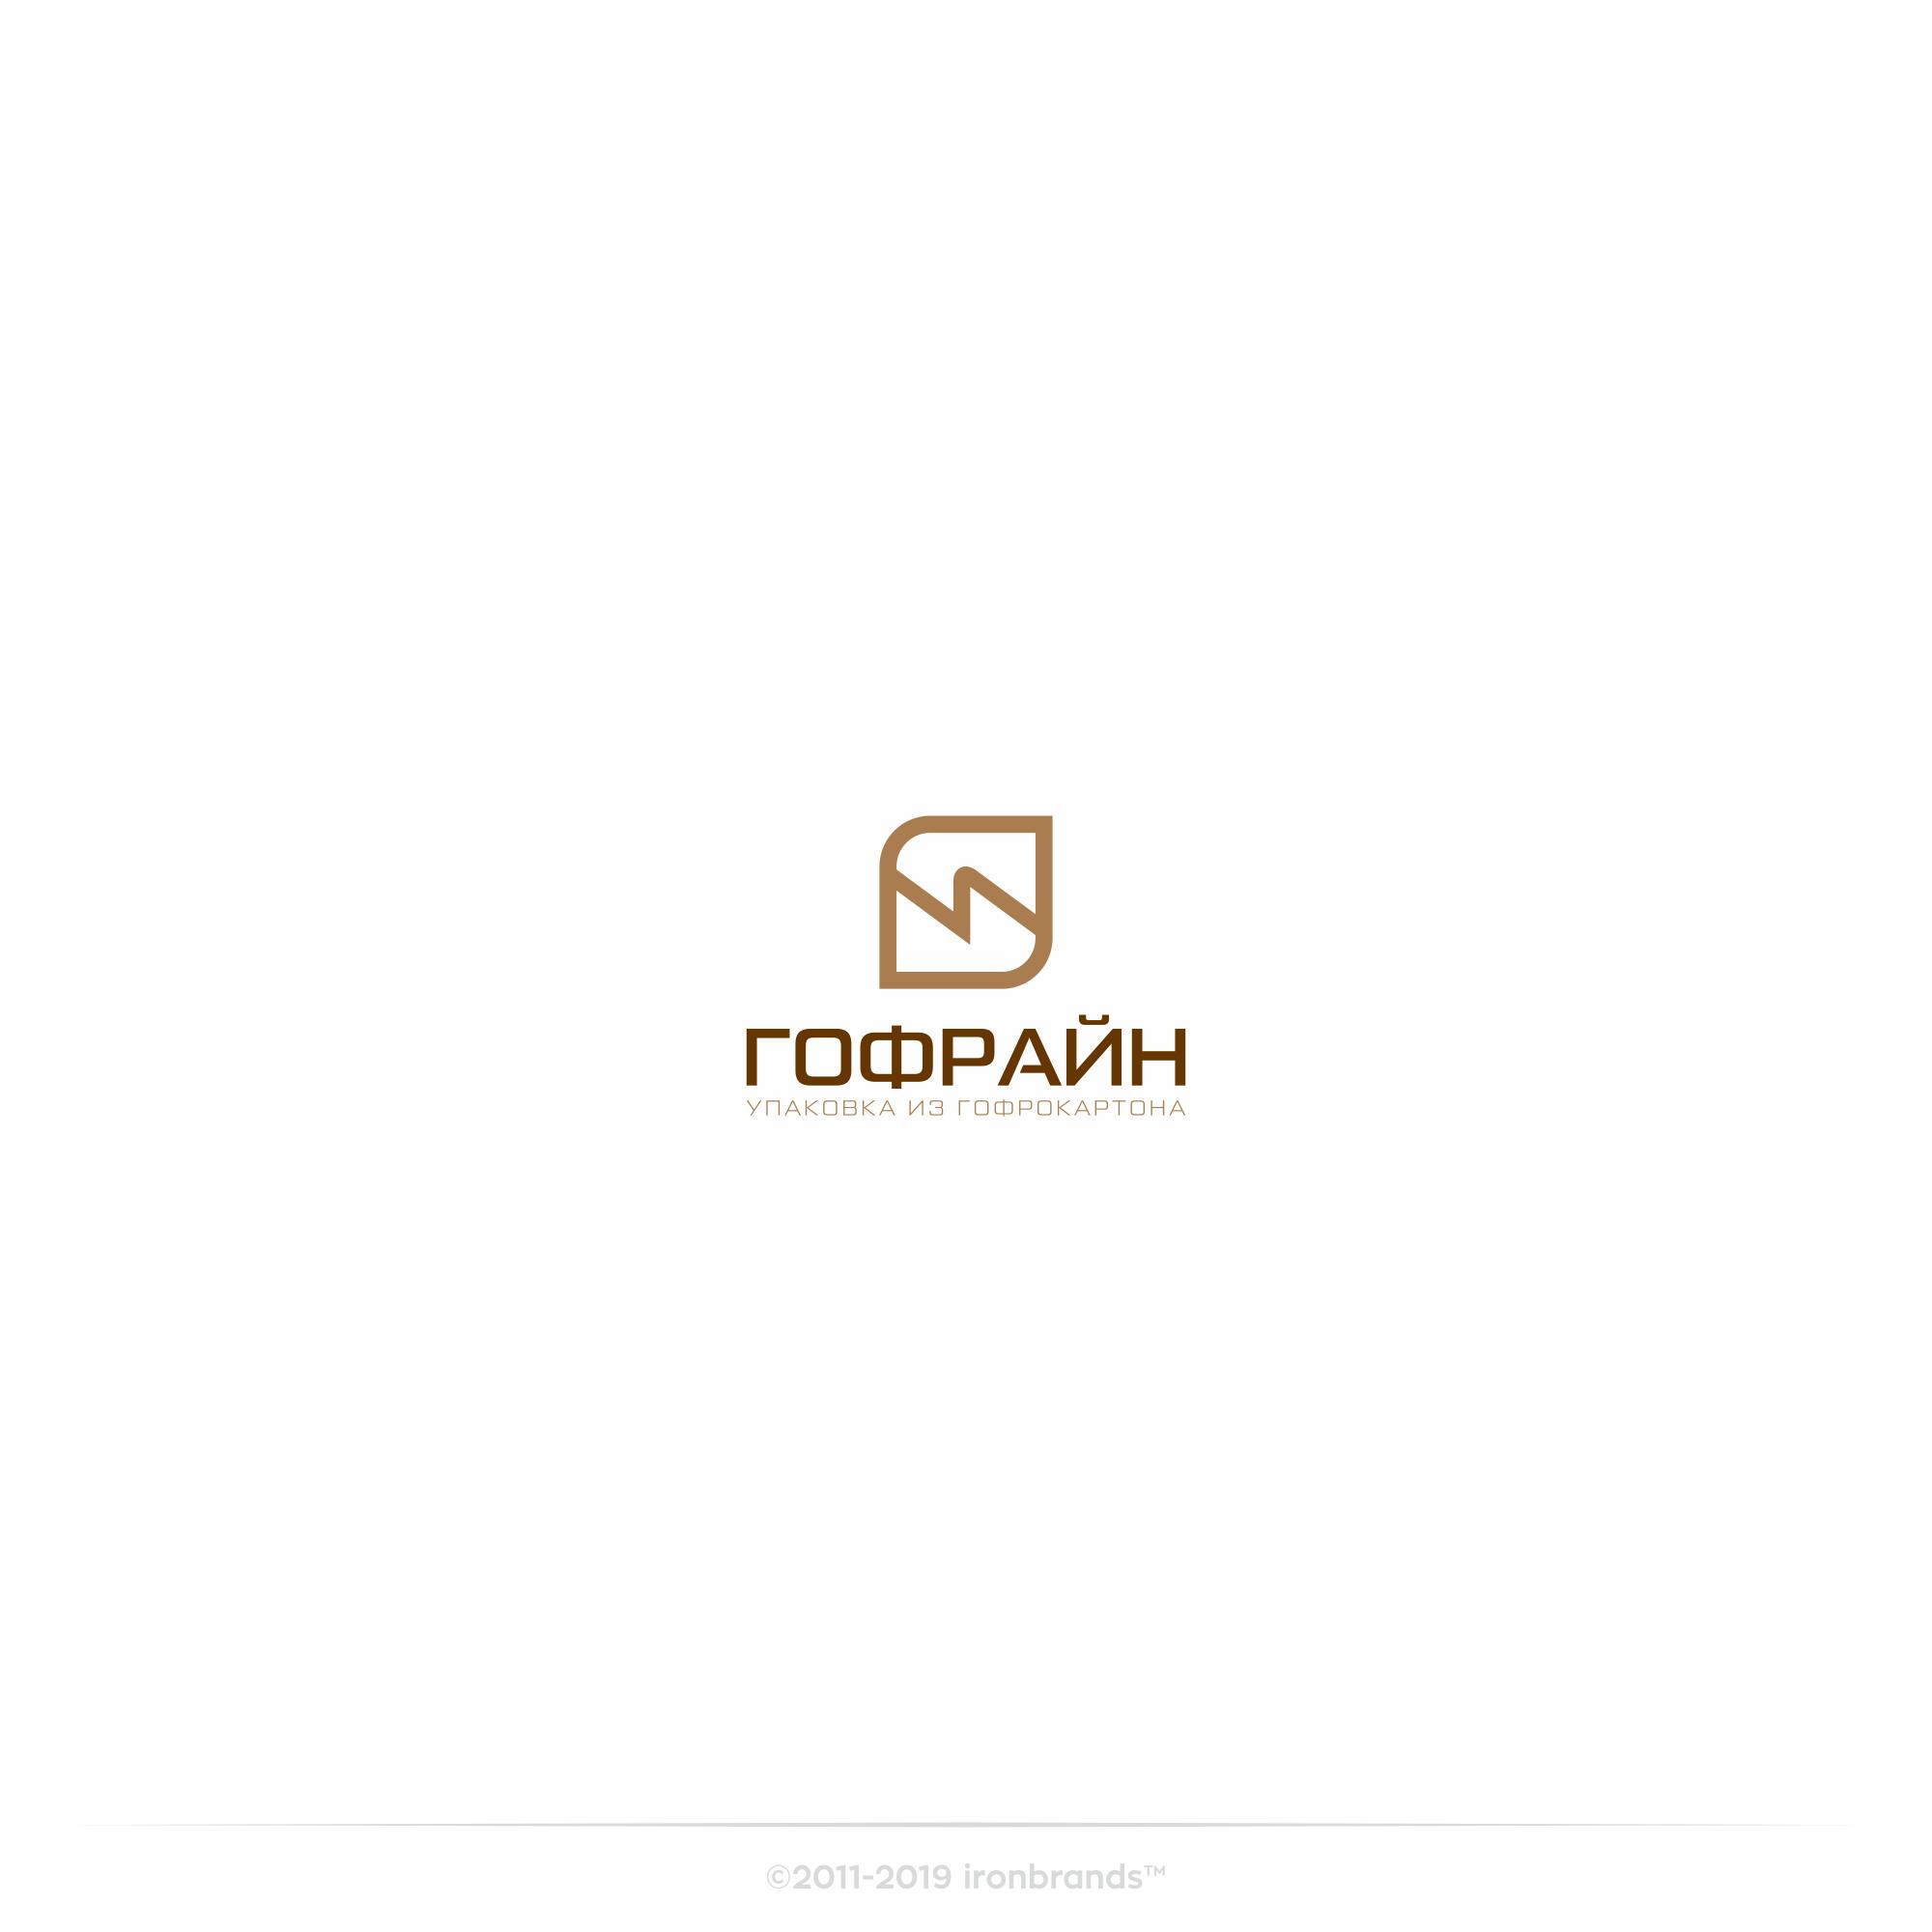 Логотип для компании по реализации упаковки из гофрокартона фото f_5745ce7d5483584f.jpg